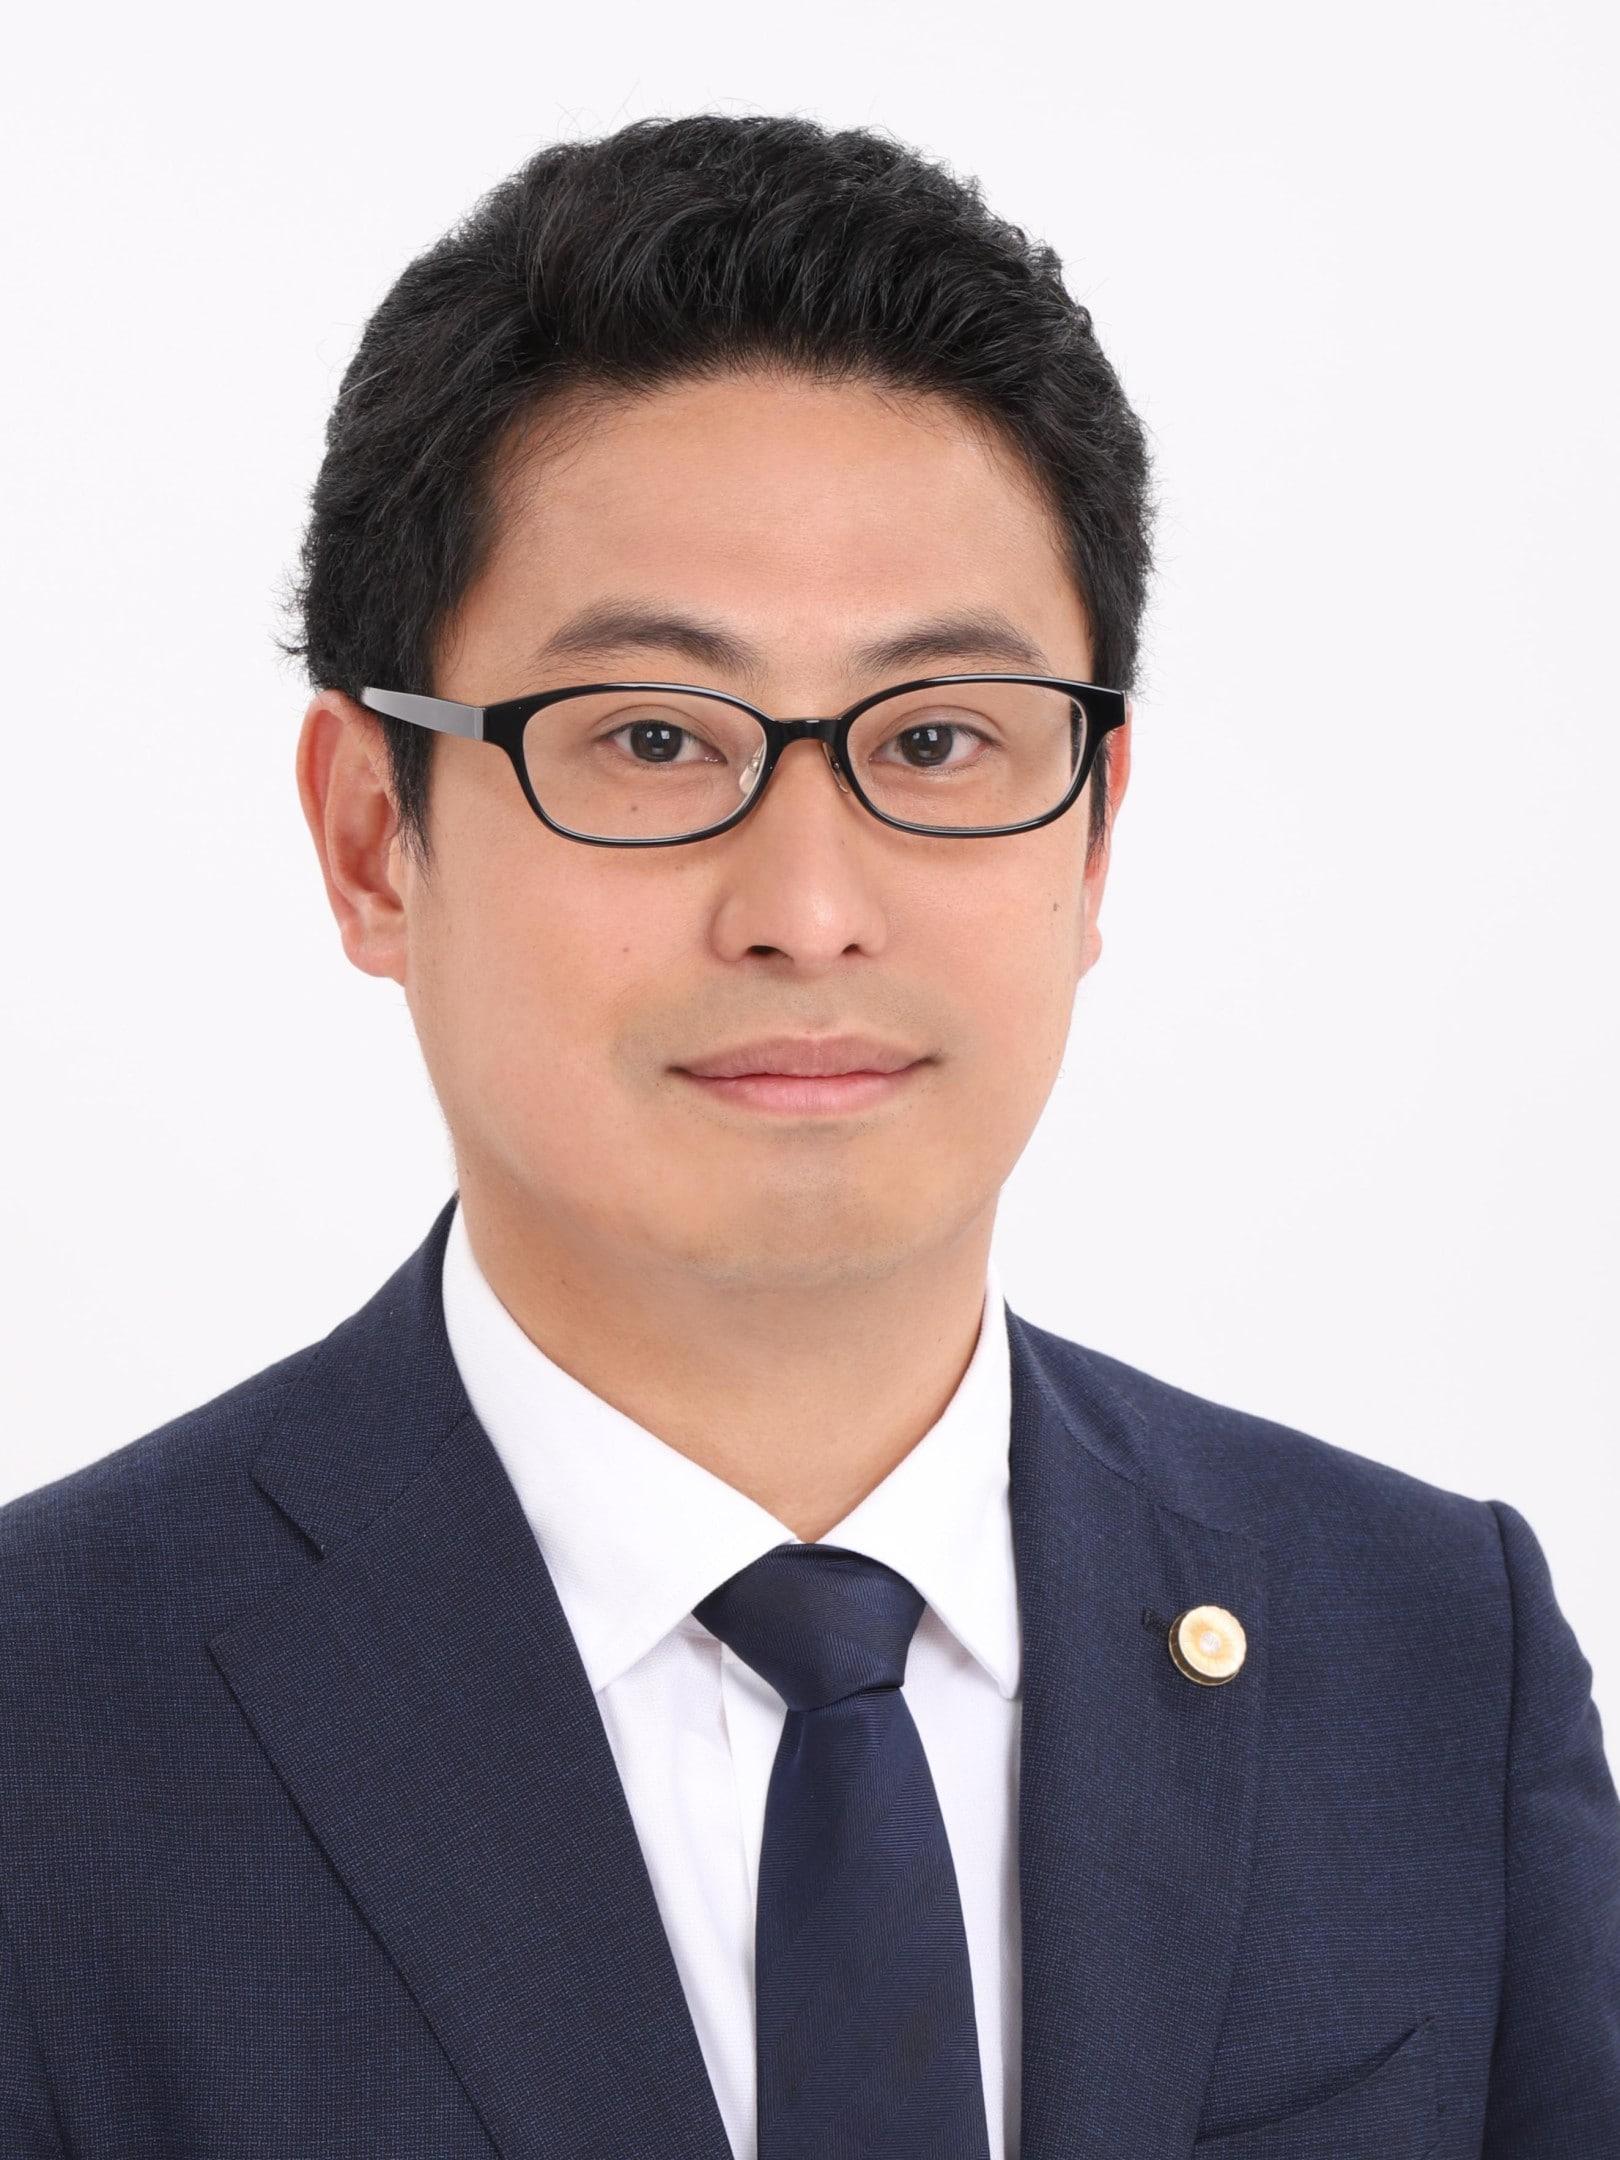 前田 歩弁護士